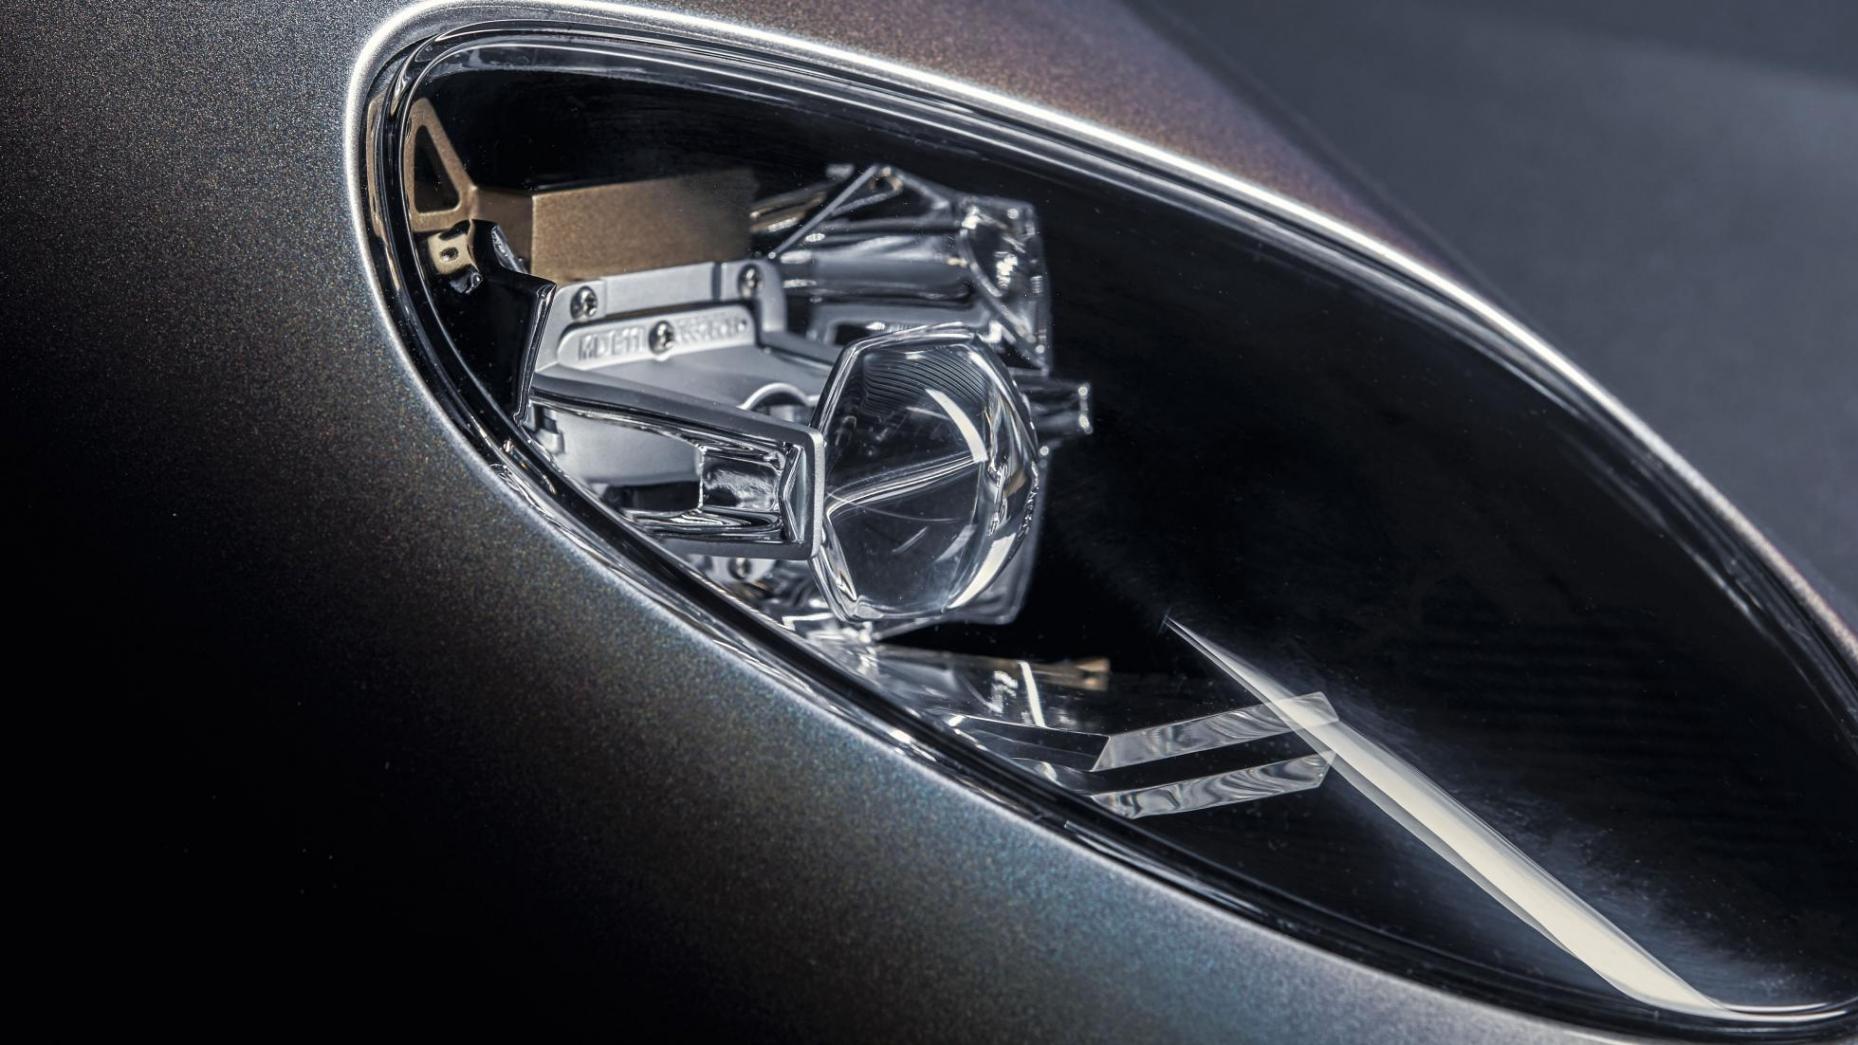 Aston Martin moteur central